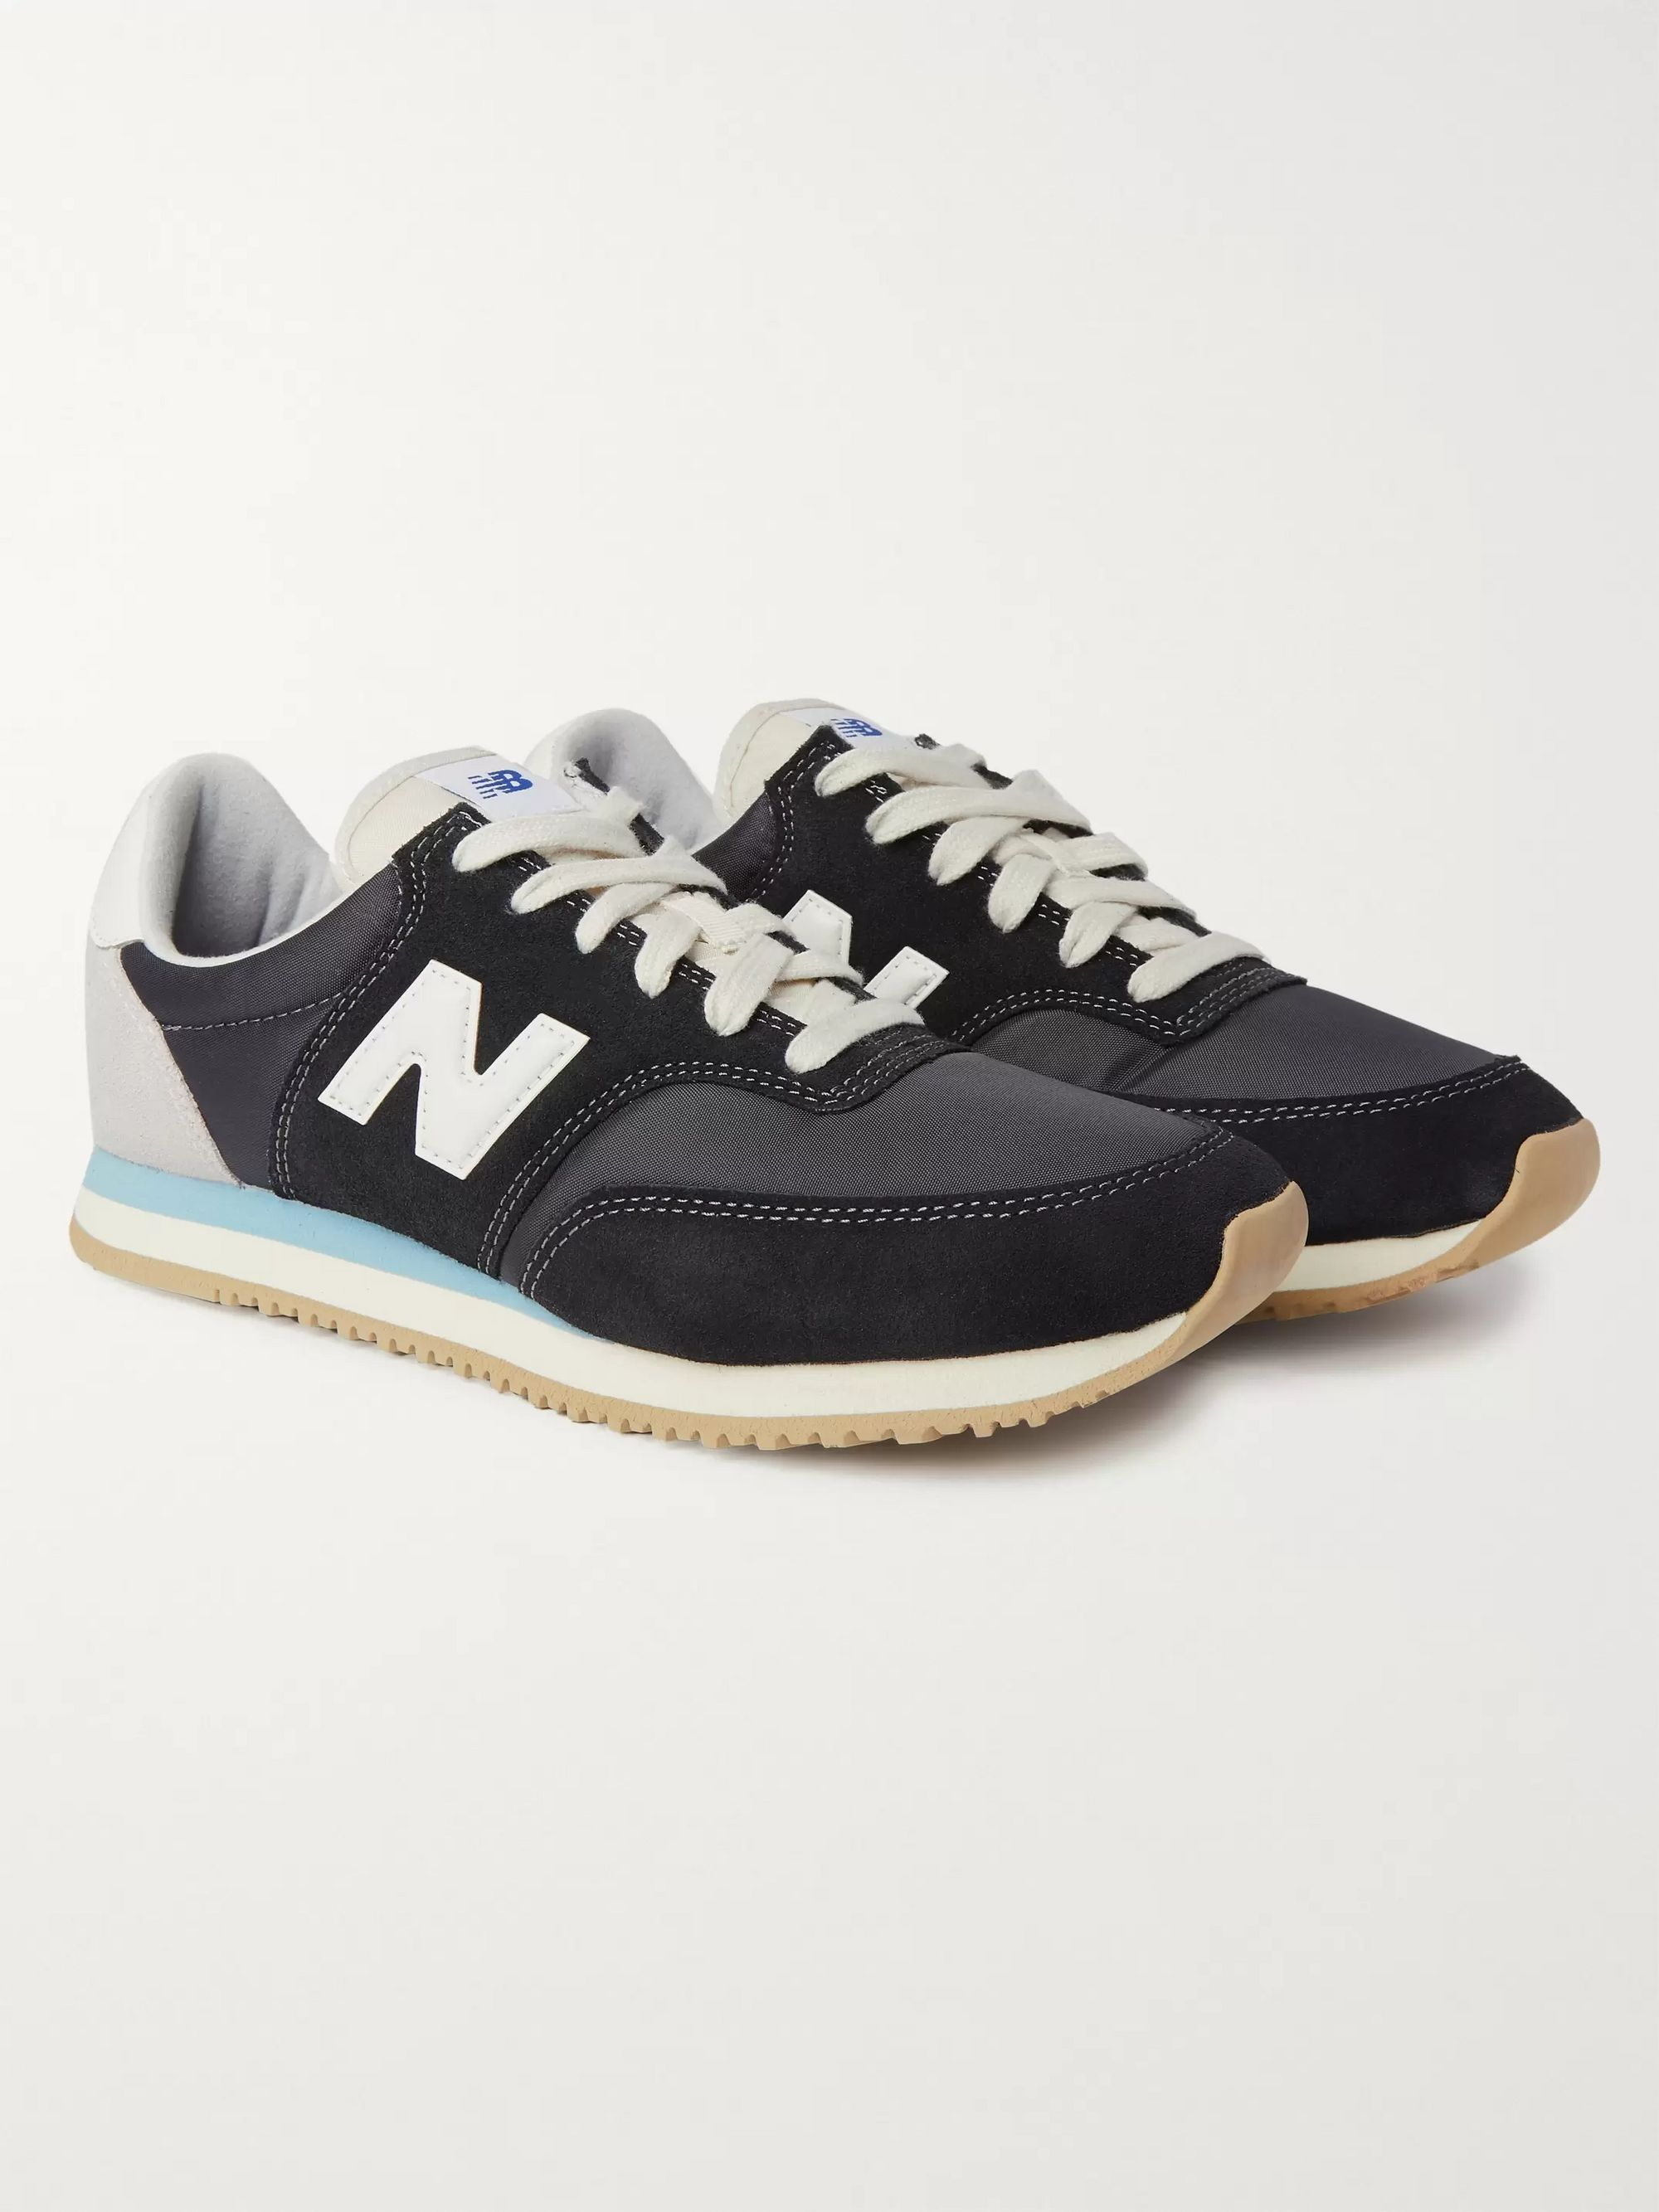 뉴발란스 New Balance Comp 100 Leather and Suede-Trimmed Shell Sneakers,Black